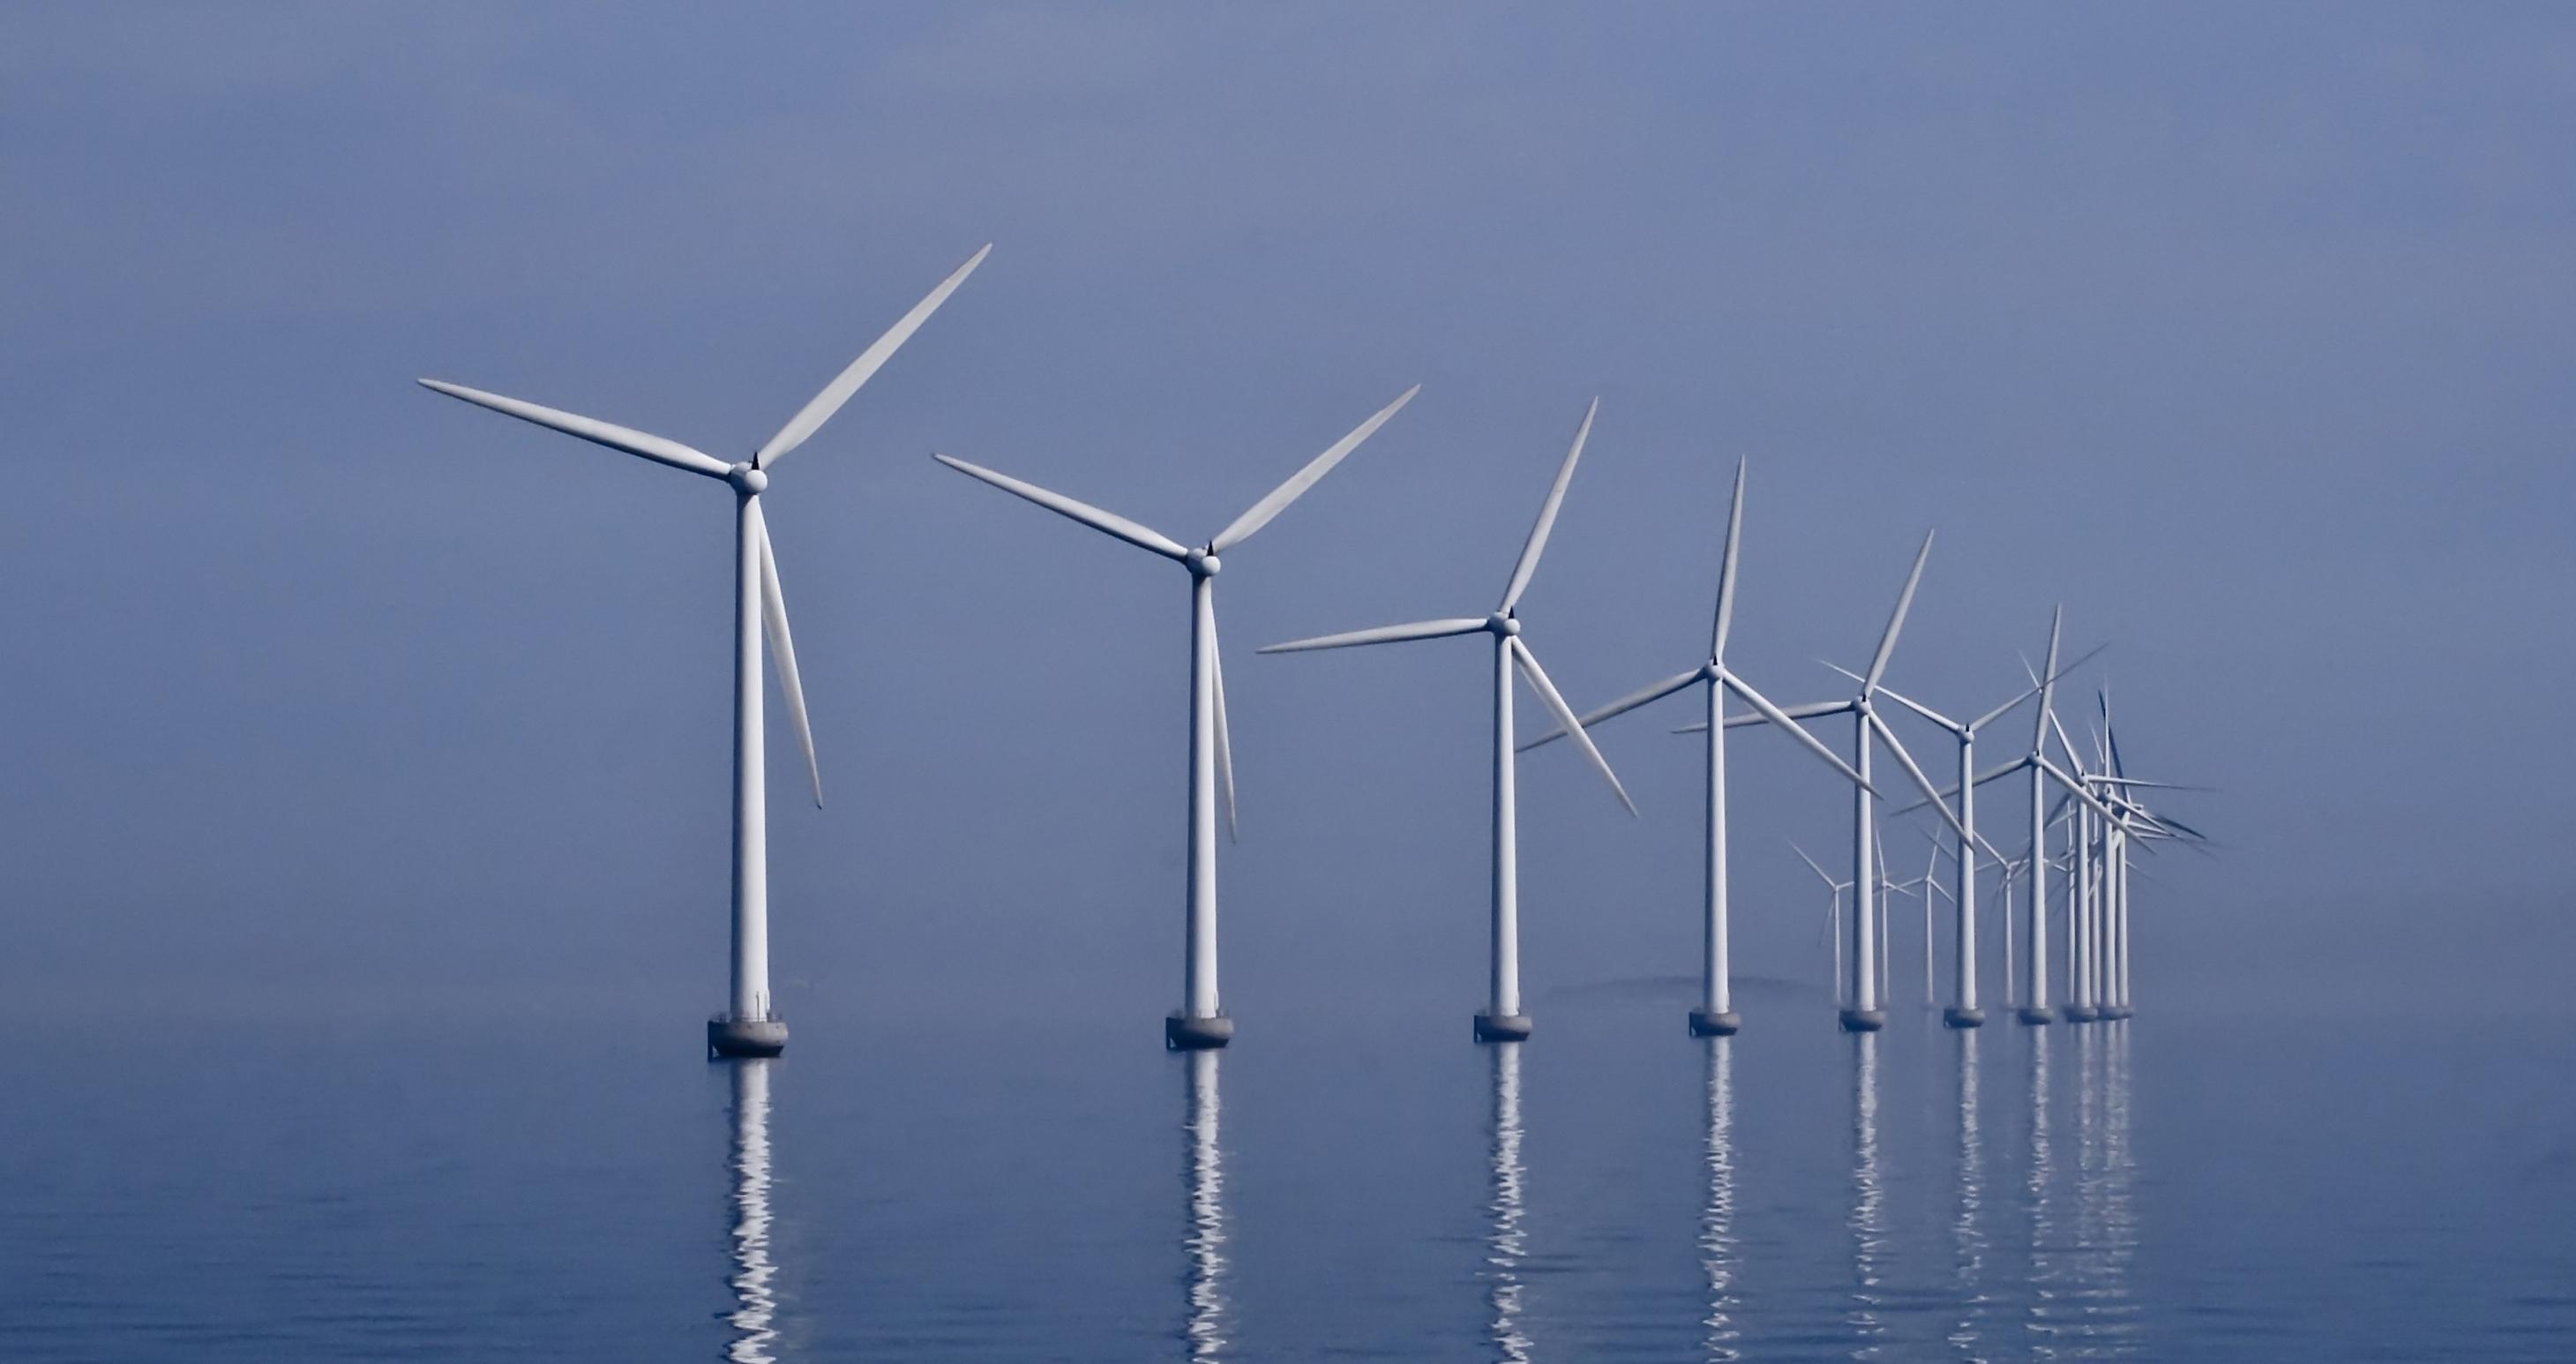 Megújuló energiaforrások fajtáinak és magyarországi eloszlásának a bemutatása.